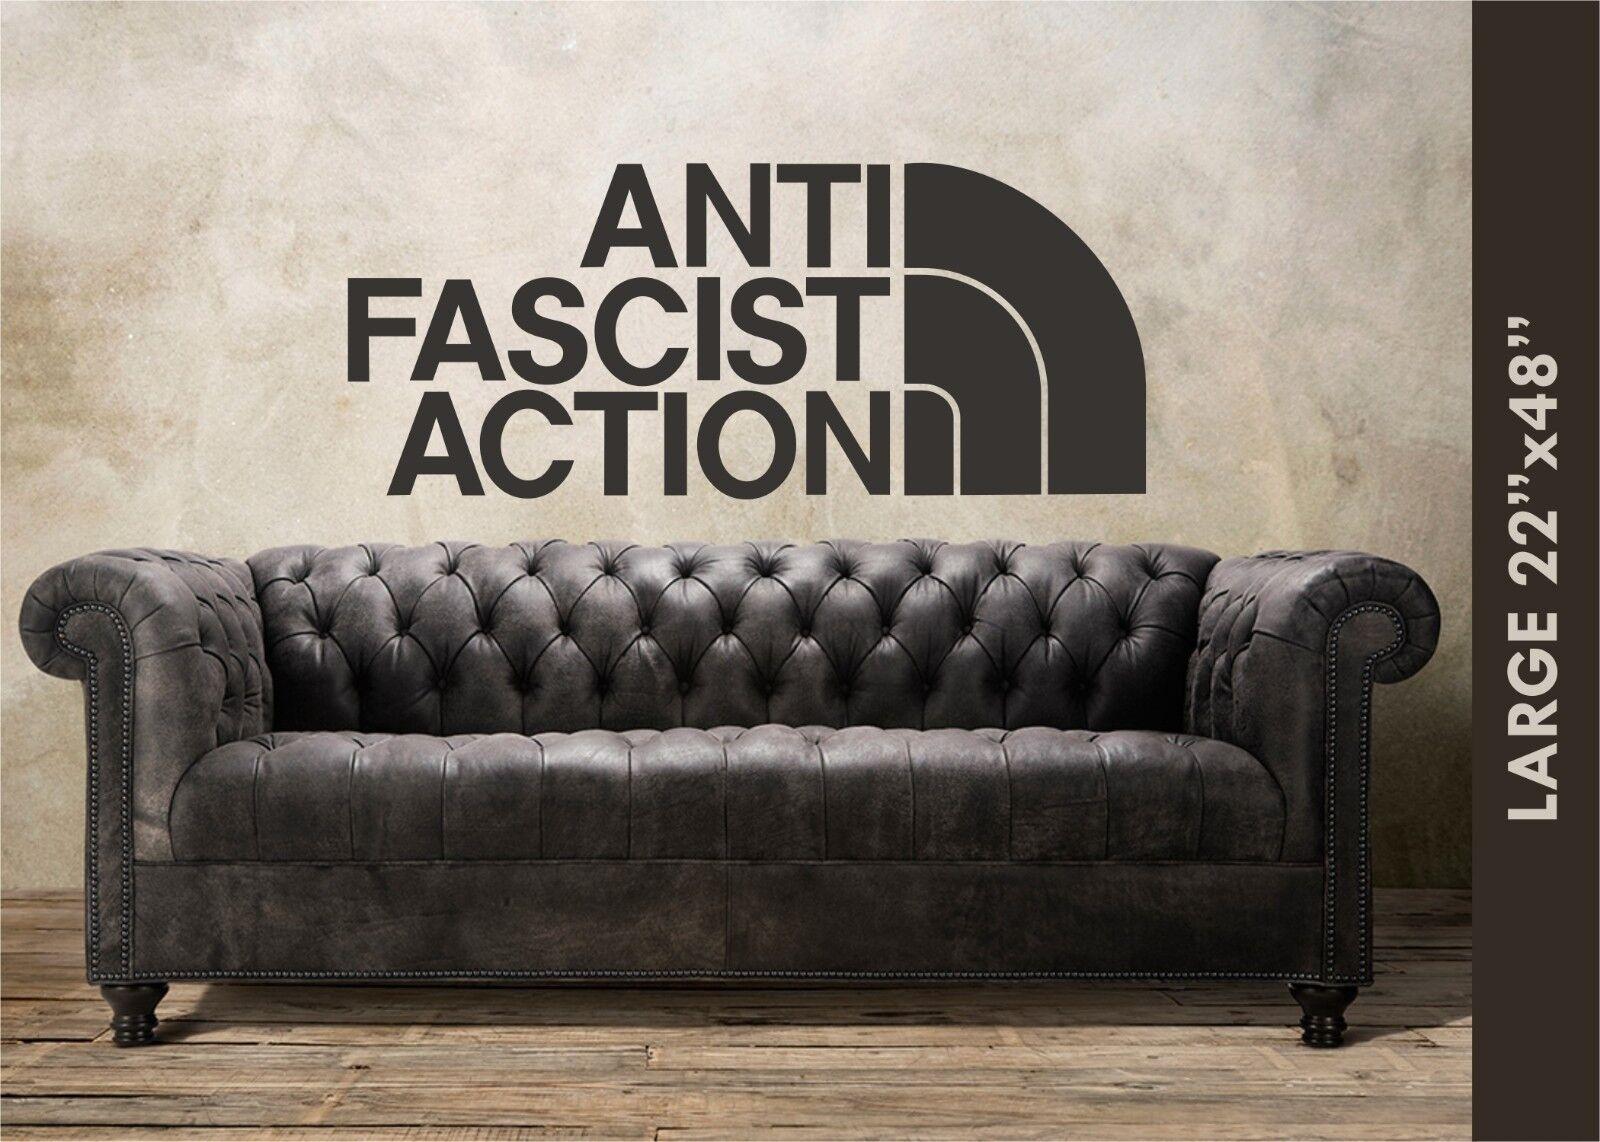 Antifa ANTI-FASCIST ACTION Vinyl  Laptop Decal Buy 1 Get 1 FREE